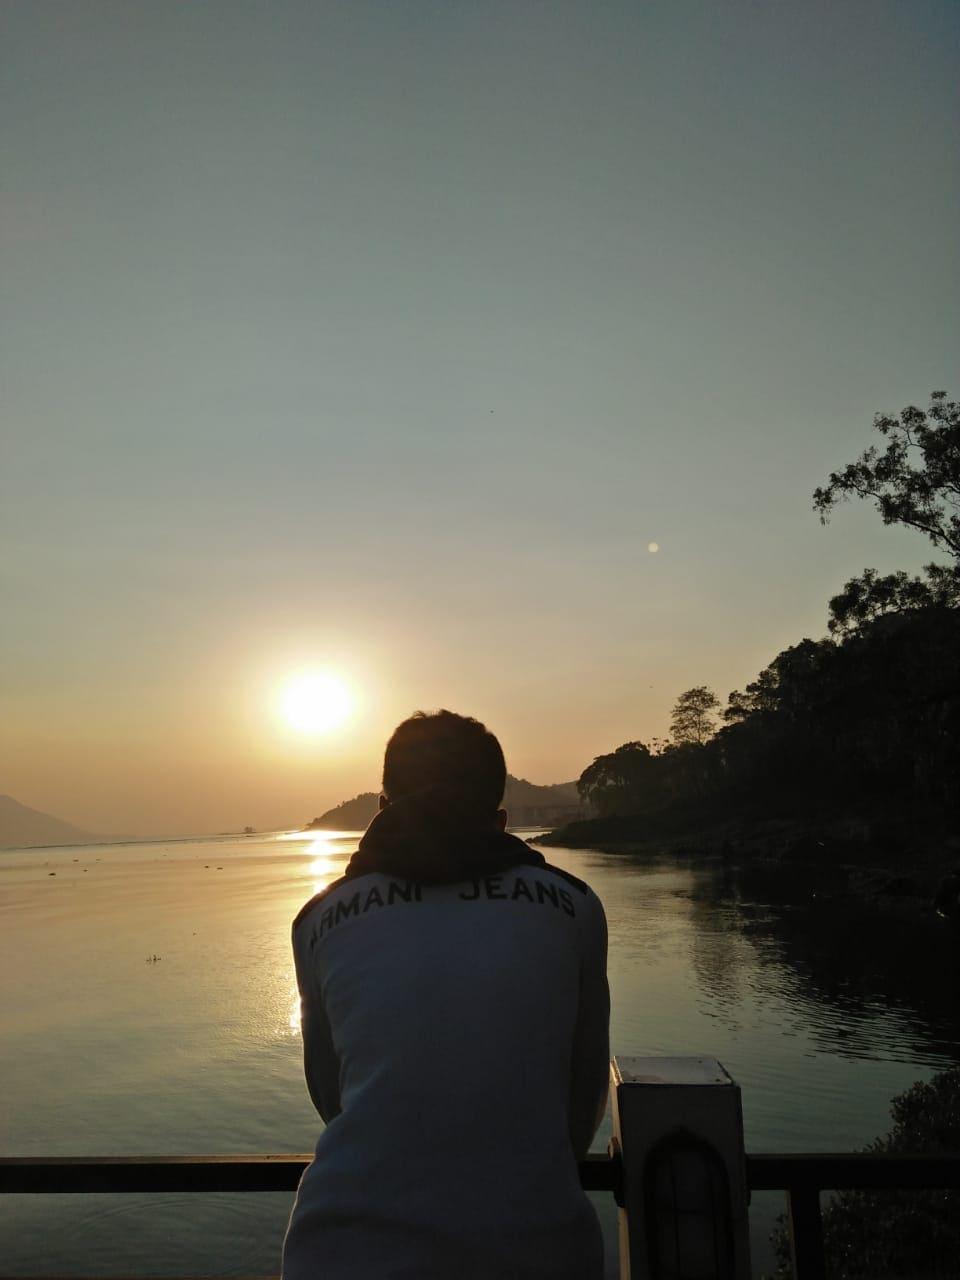 Lagi Cari Sunset Untuk Upload di Instagram? Jelajah Wisata di Jatiluhur, Purwakarta!